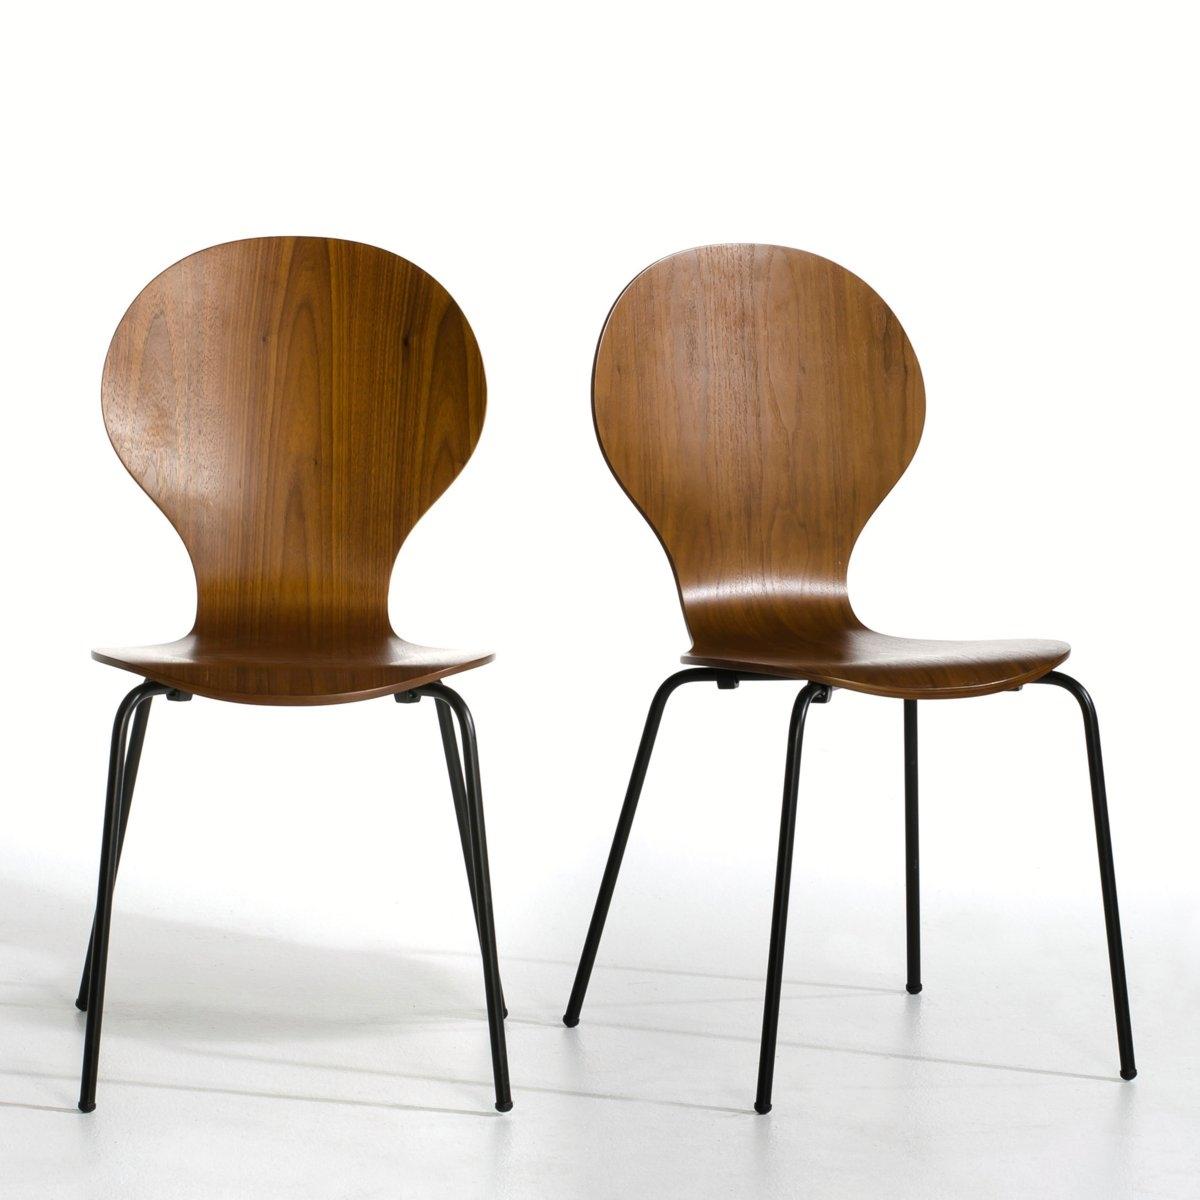 2 стула, Watford2 стула Watford. Легкие и стильные стулья Watford оживят ваш интерьер и будут служить вам долго.Характеристики стульев Watford : Поверхность из фанеры под орех, НЦ-лакировка. Ножки из стальной трубки с эпоксидным черным покрытием. Другие предметы мебели из коллекции  Watford на сайте laredoute.ruРазмеры стульев Watford : ОбщиеШирина : 55 см.Высота : 86 см.Глубина : 46 смСиденье : 43 x 46 смРазмеры и вес упаковки :1 упаковка59 x 46 x 30 см10,2 кгДоставка :Стулья Watford продаются в разобранном виде. Доставка до квартиры !Внимание ! .<br><br>Цвет: небесно-голубой,ореховый